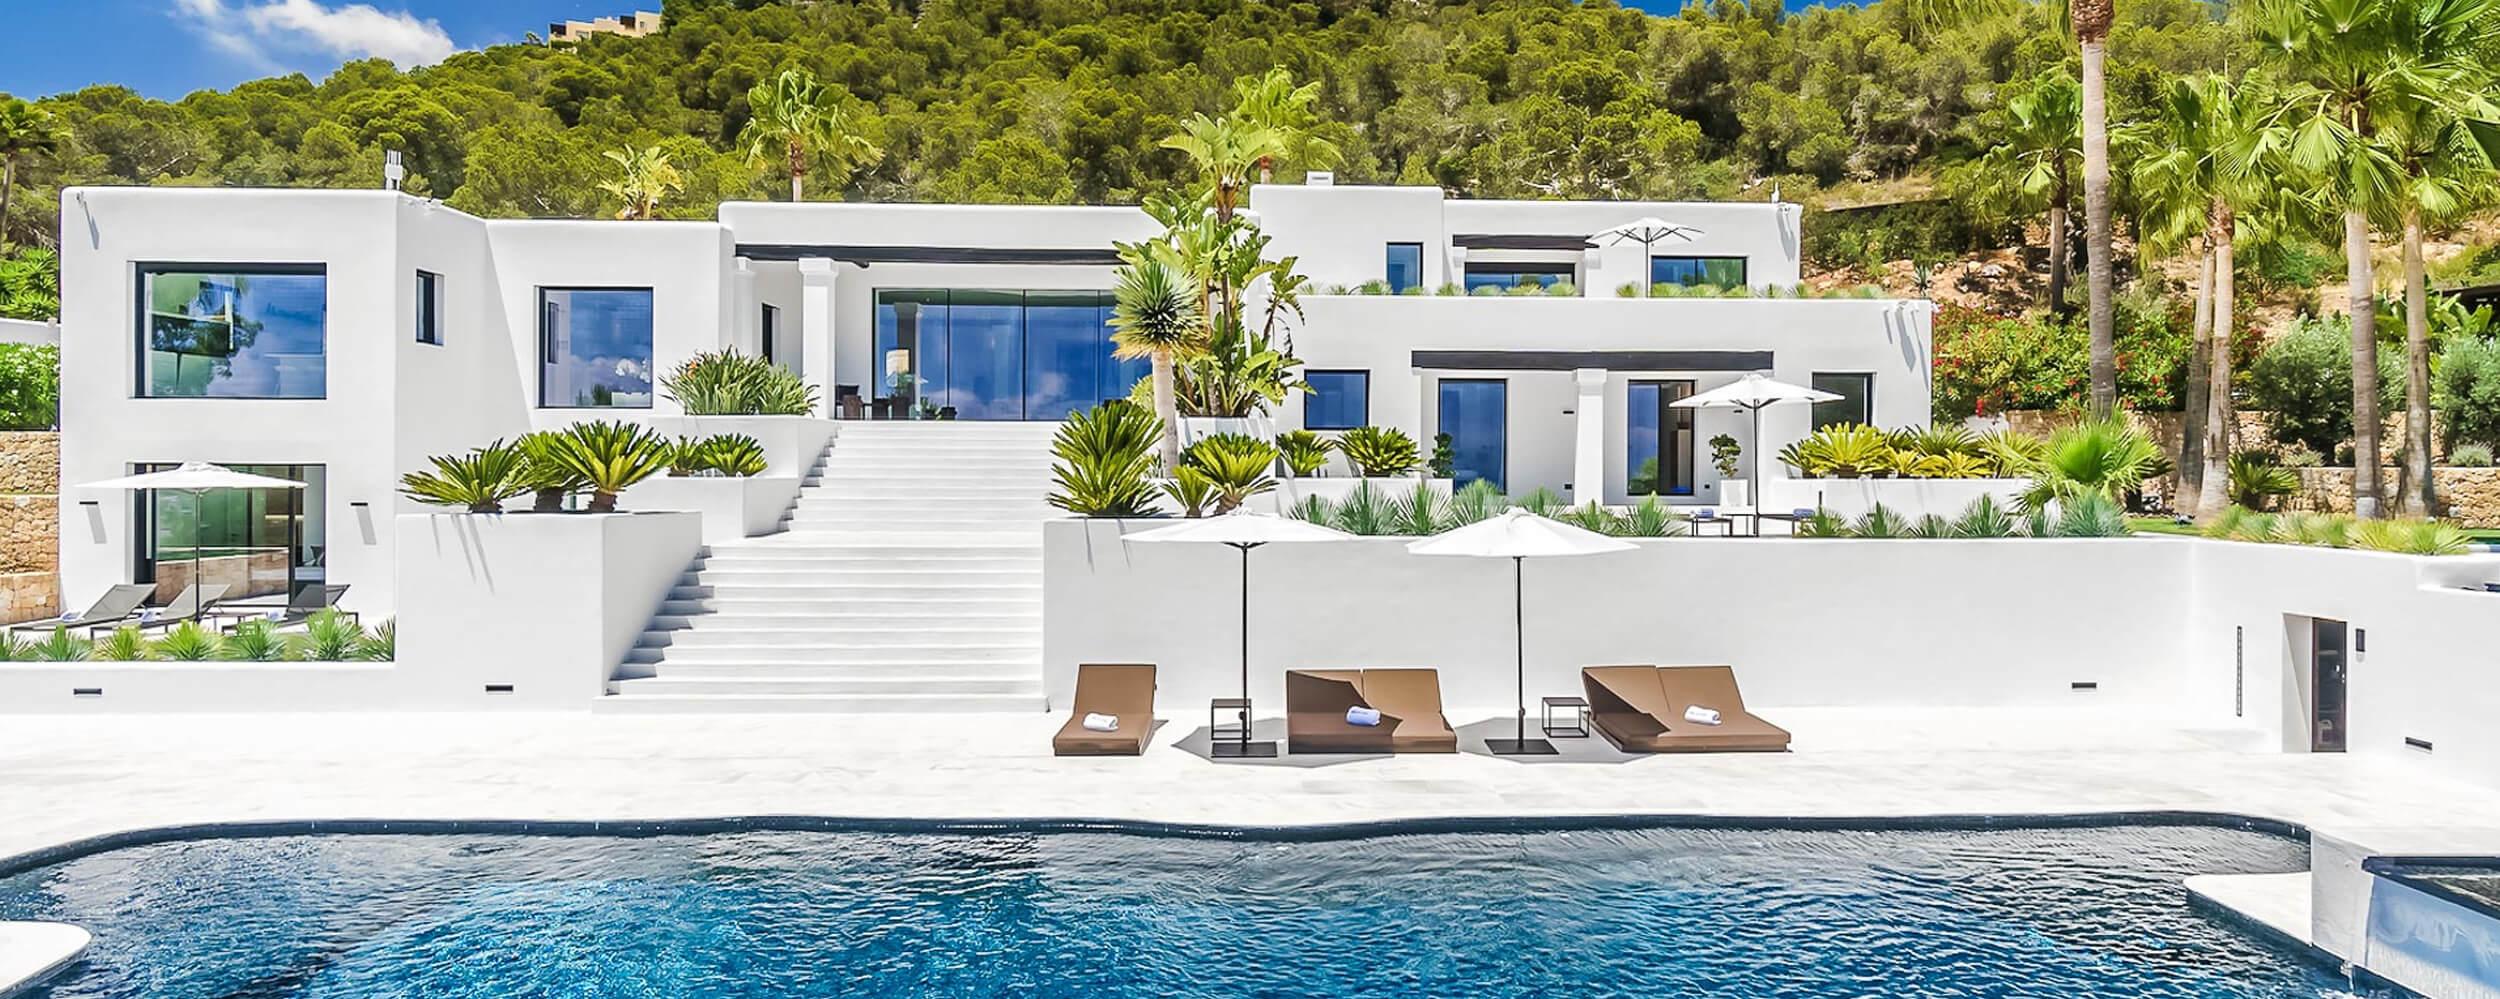 Hypotheek Ibiza